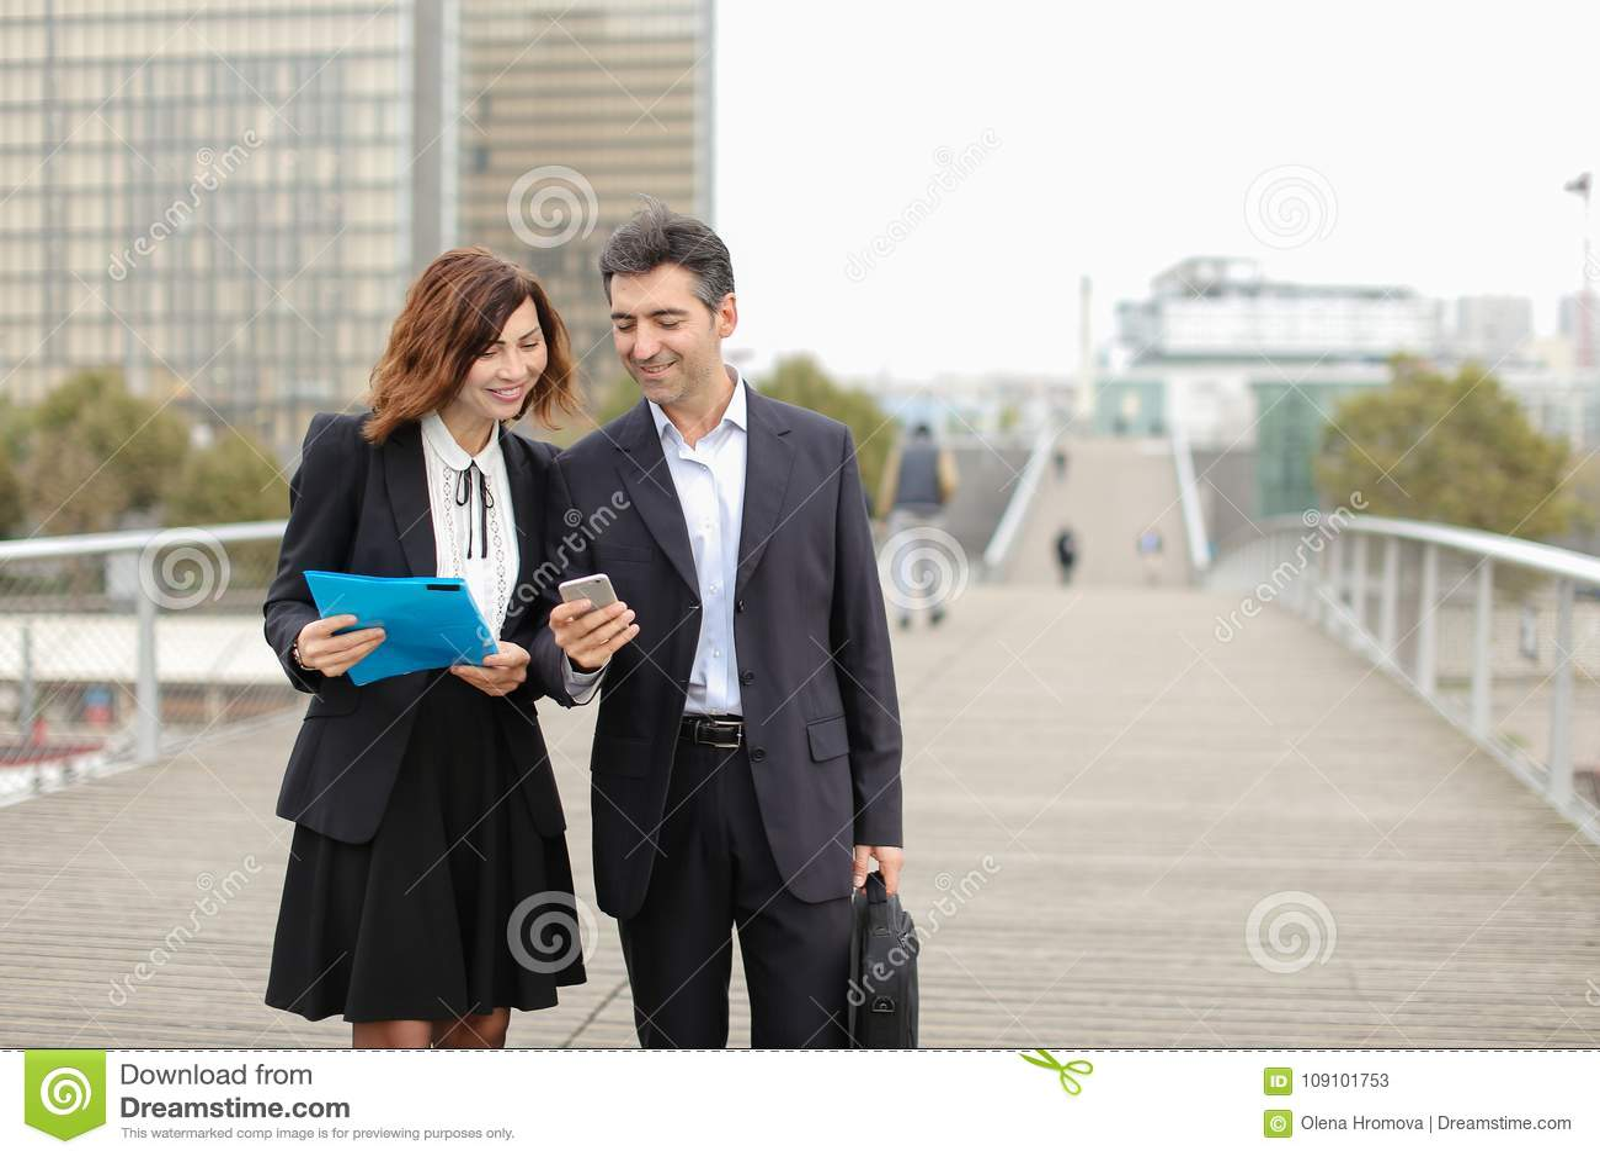 Ex bedrijfsman en vrouw - de klasgenoten kwamen toevallig op st samen